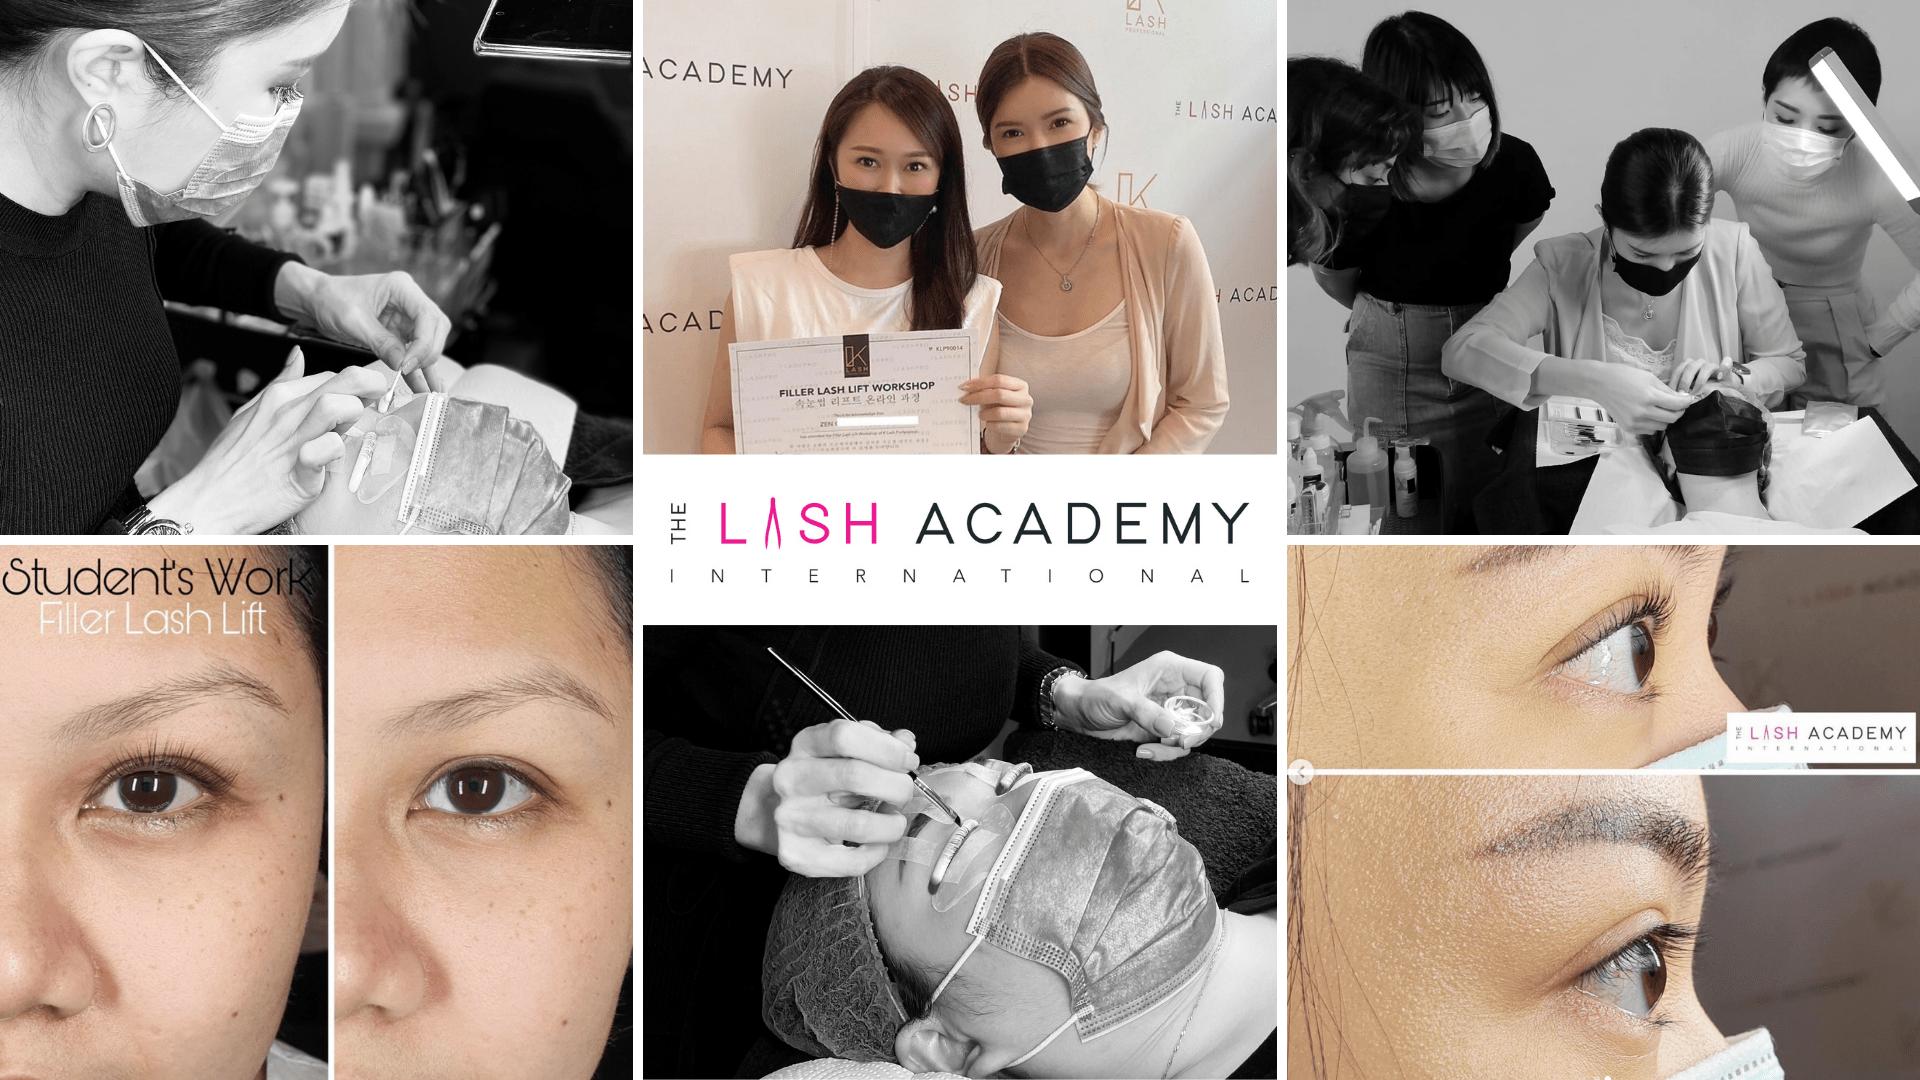 Lash lift workshop - The Lash Academy